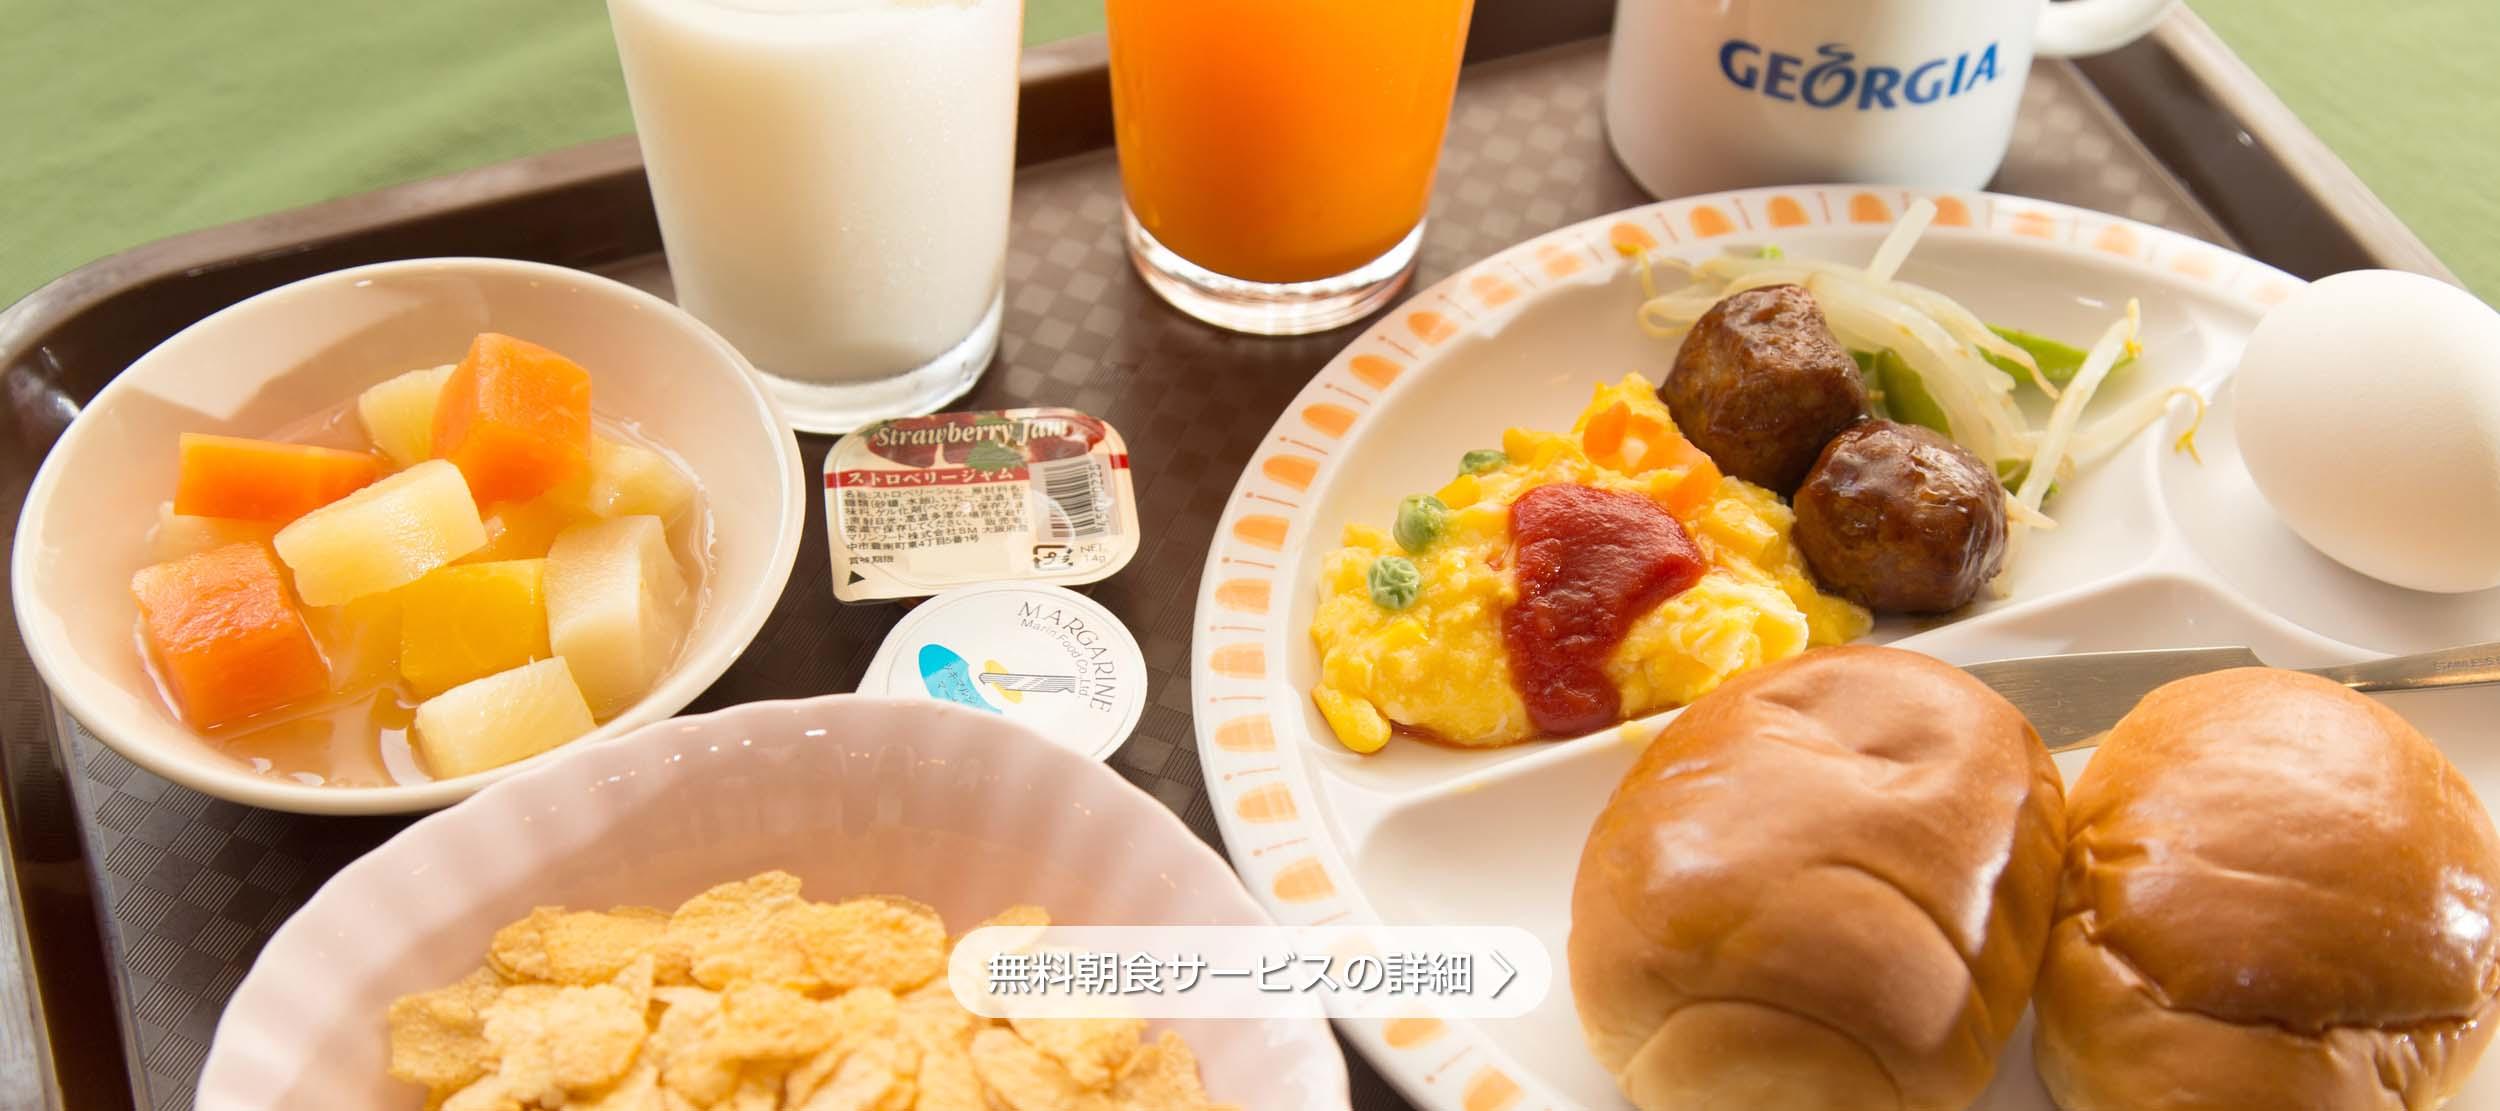 好評の無料朝食サービスで1日スタートを元気に